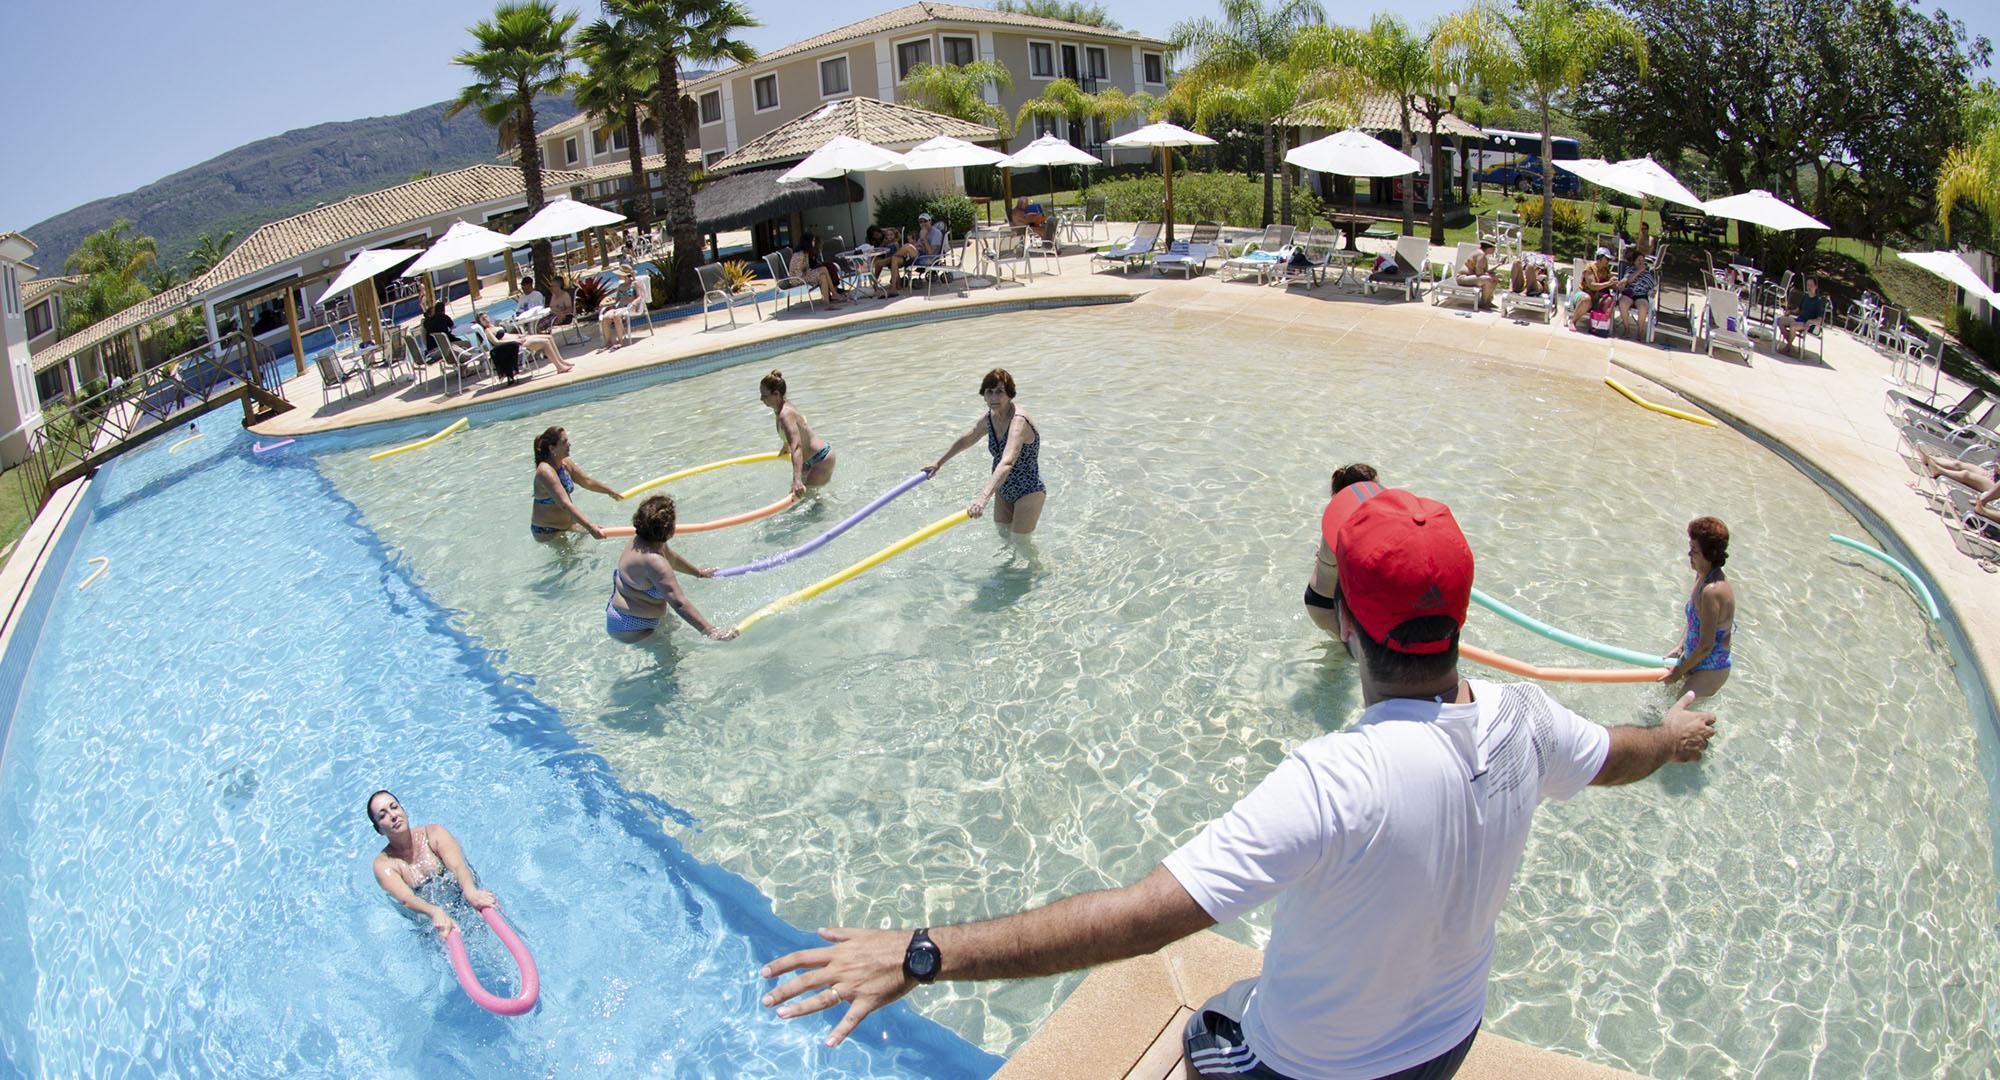 atividade-28_santissimo-resort_tiradentes_minas-gerais